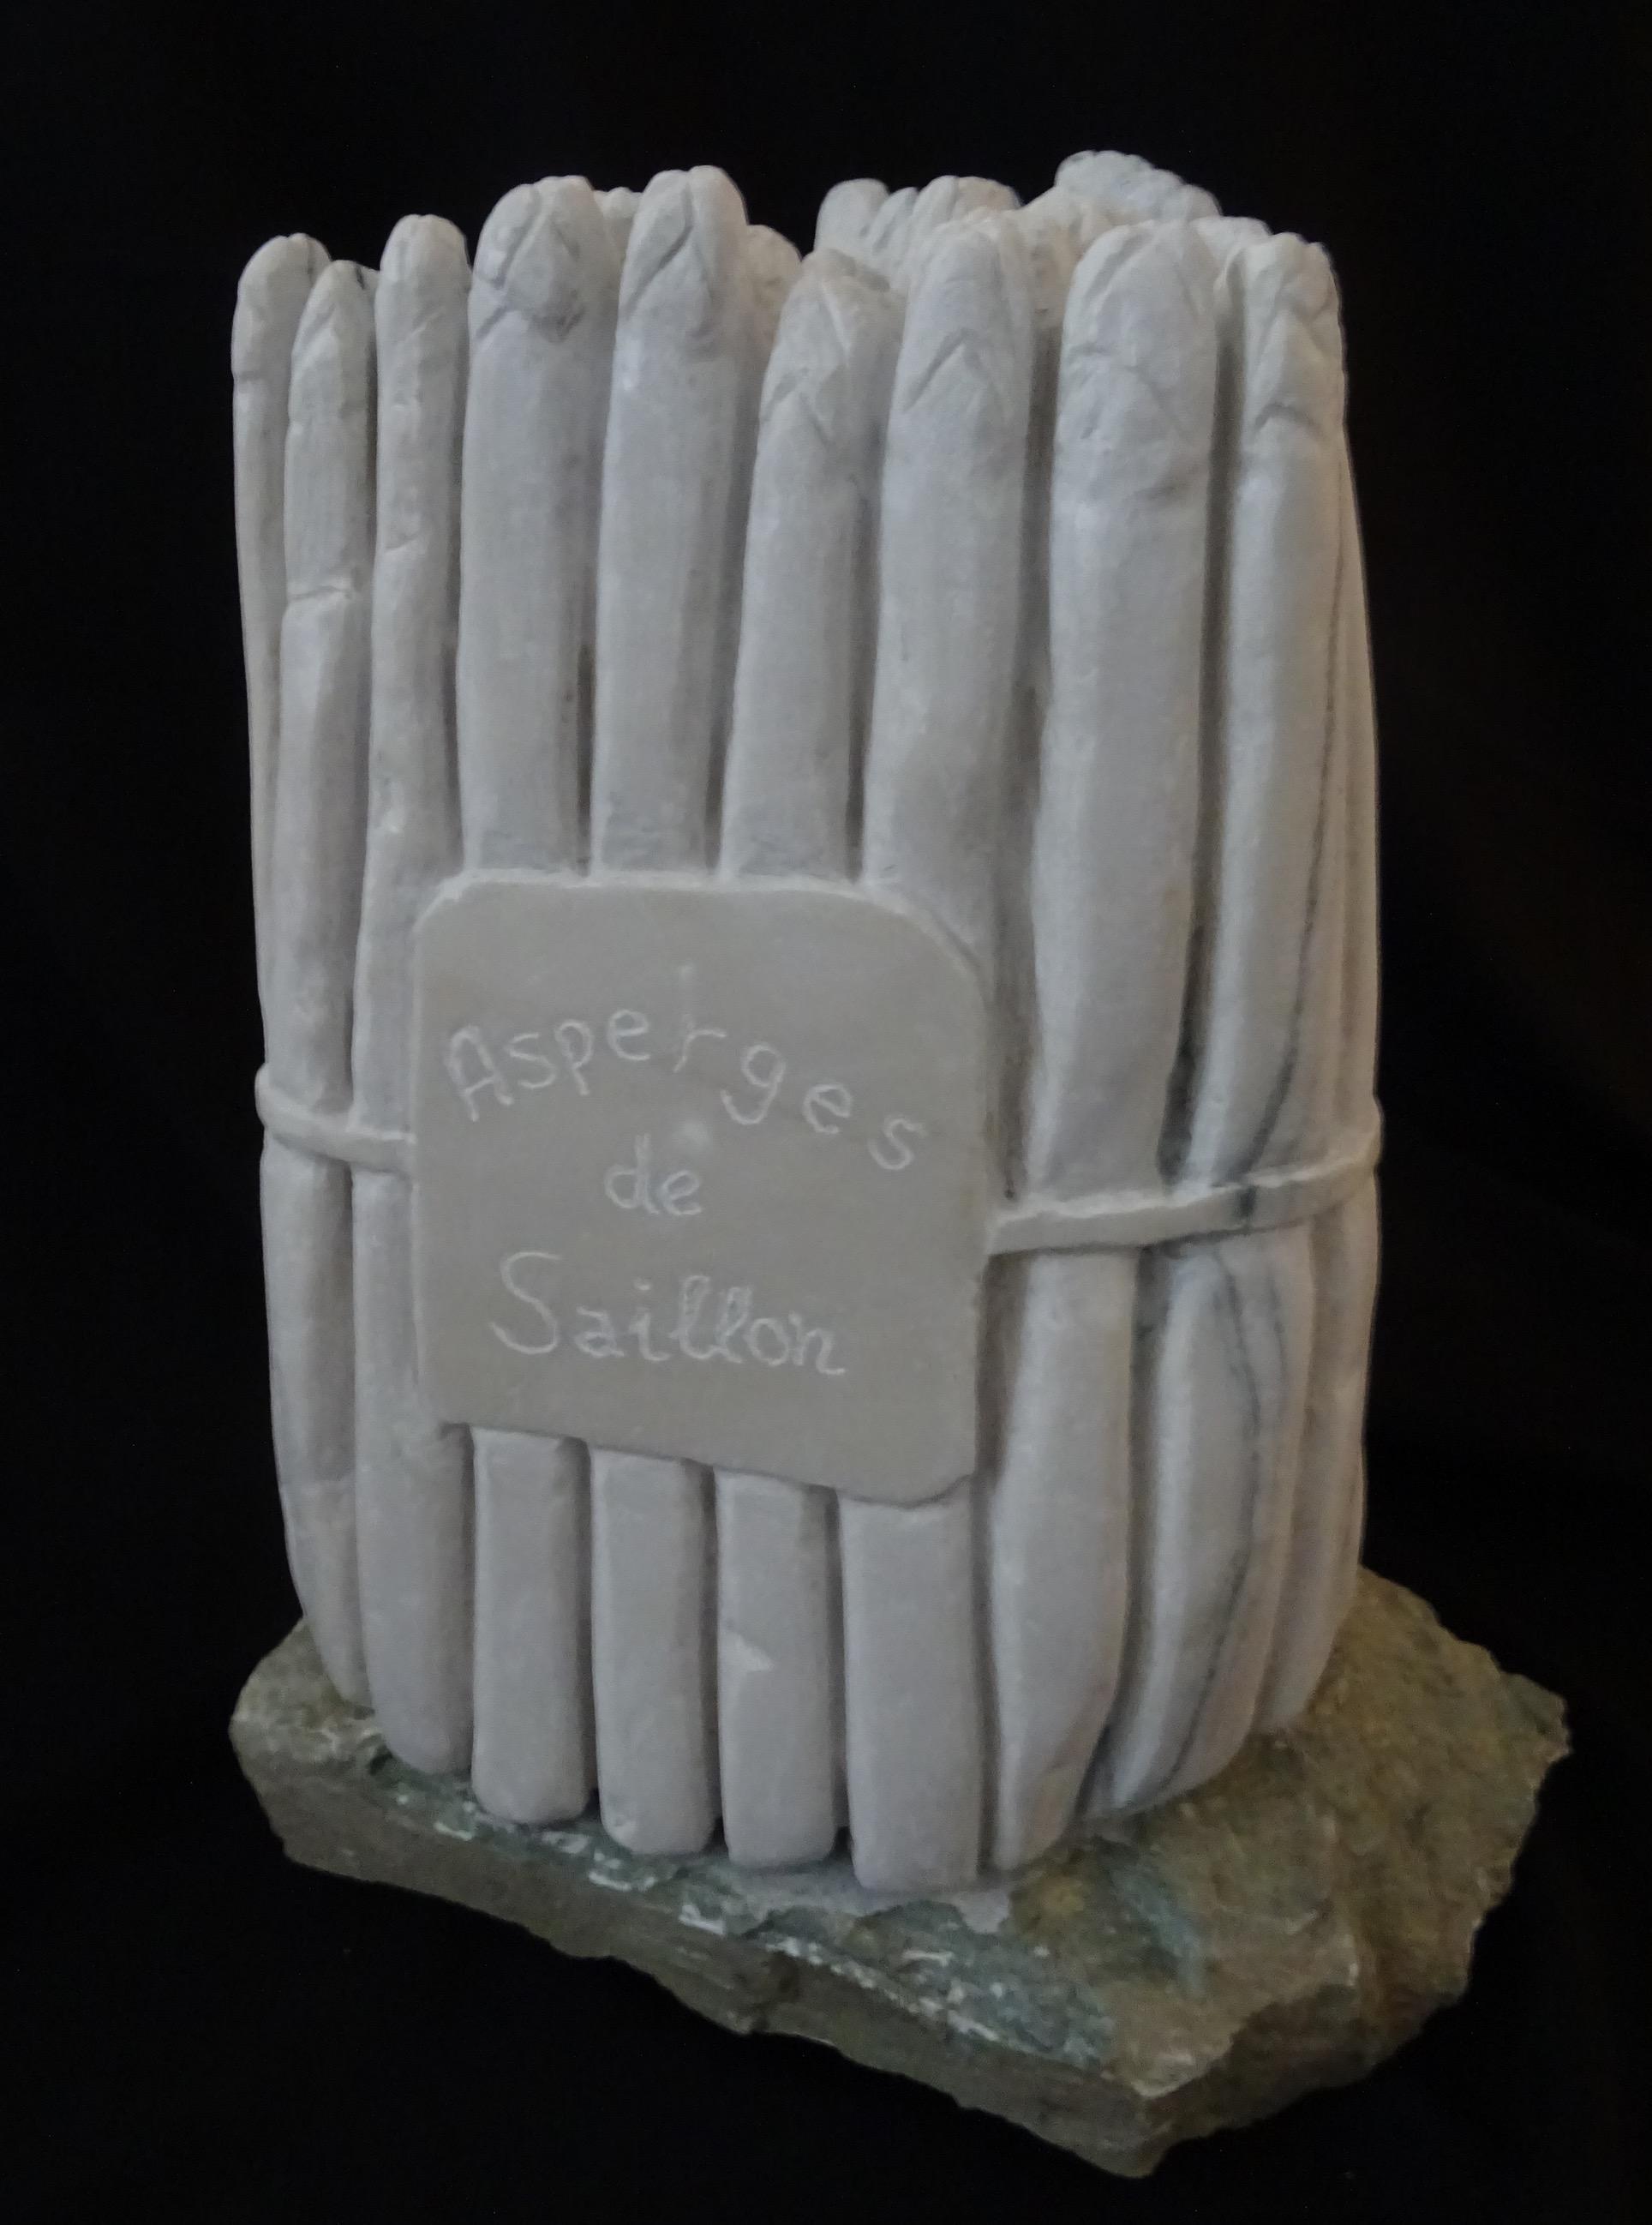 Paquet d'asperges